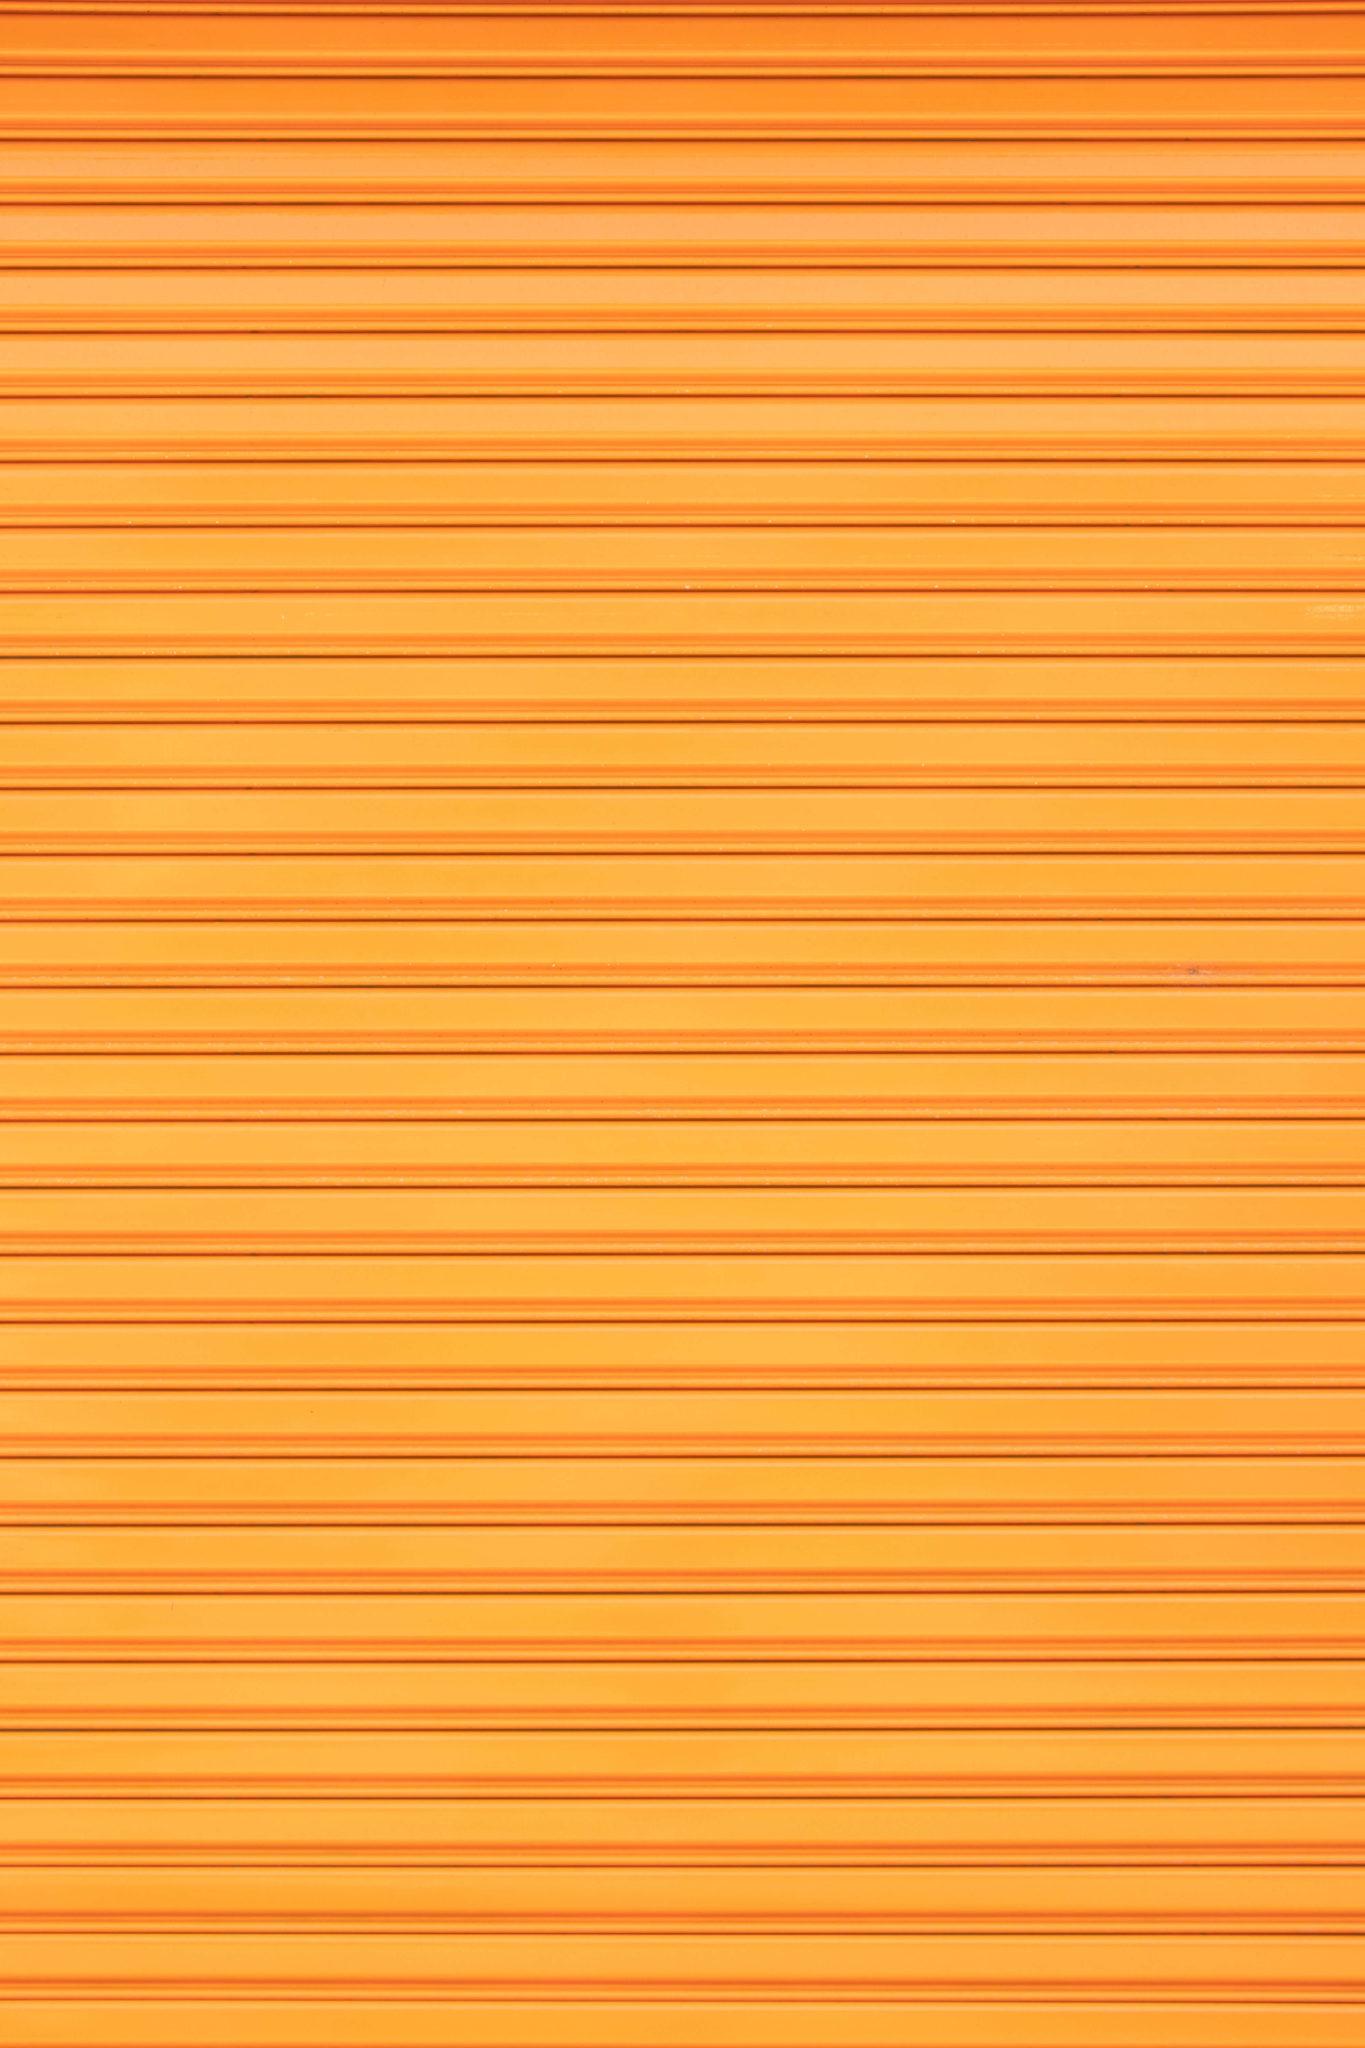 Un volet roulant orange 1365x2048 - Focus sur le volet roulant avec RueDuVolet